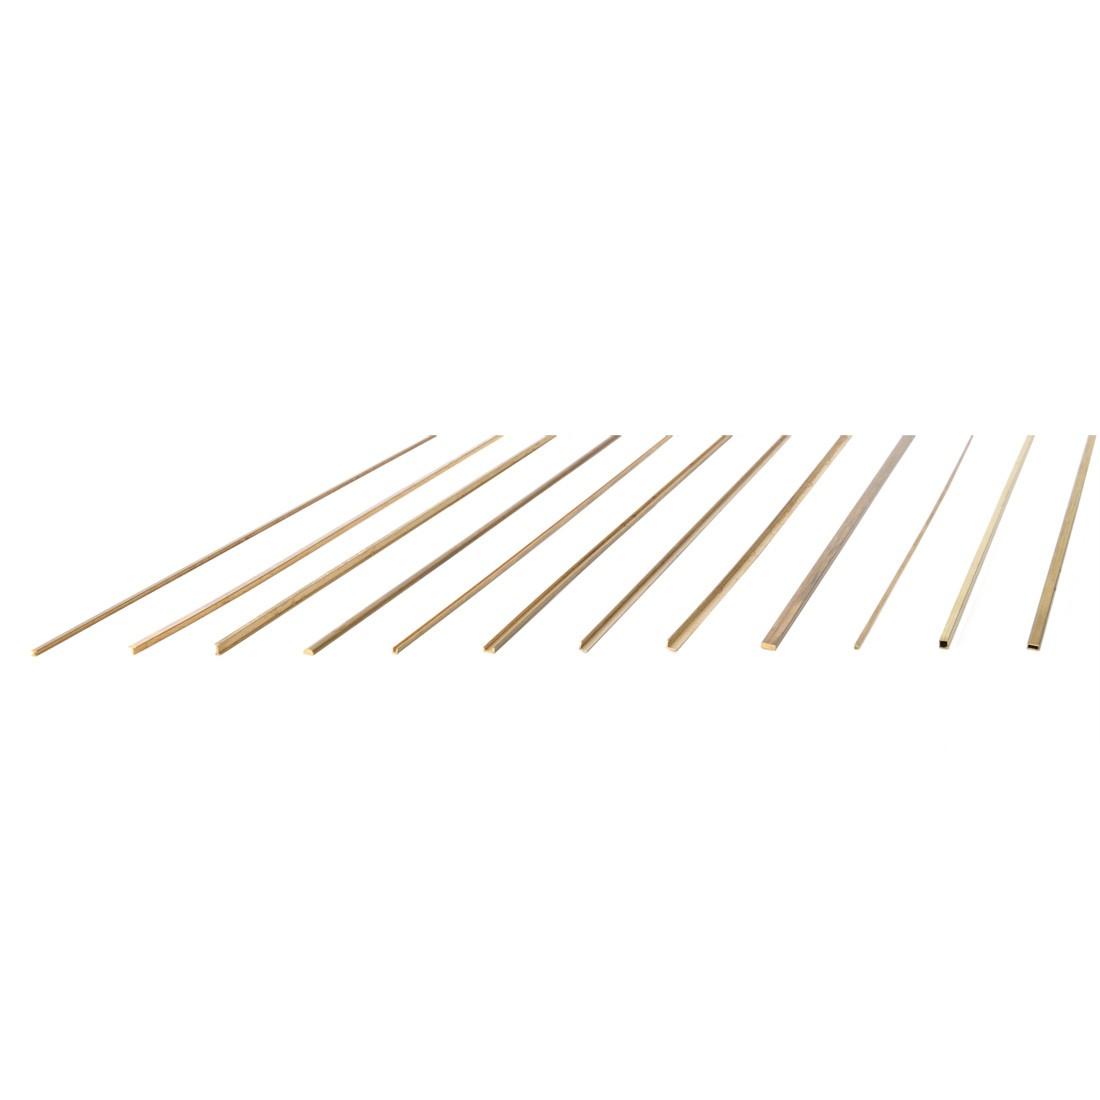 Micro profils laiton 1,5x1,5x500